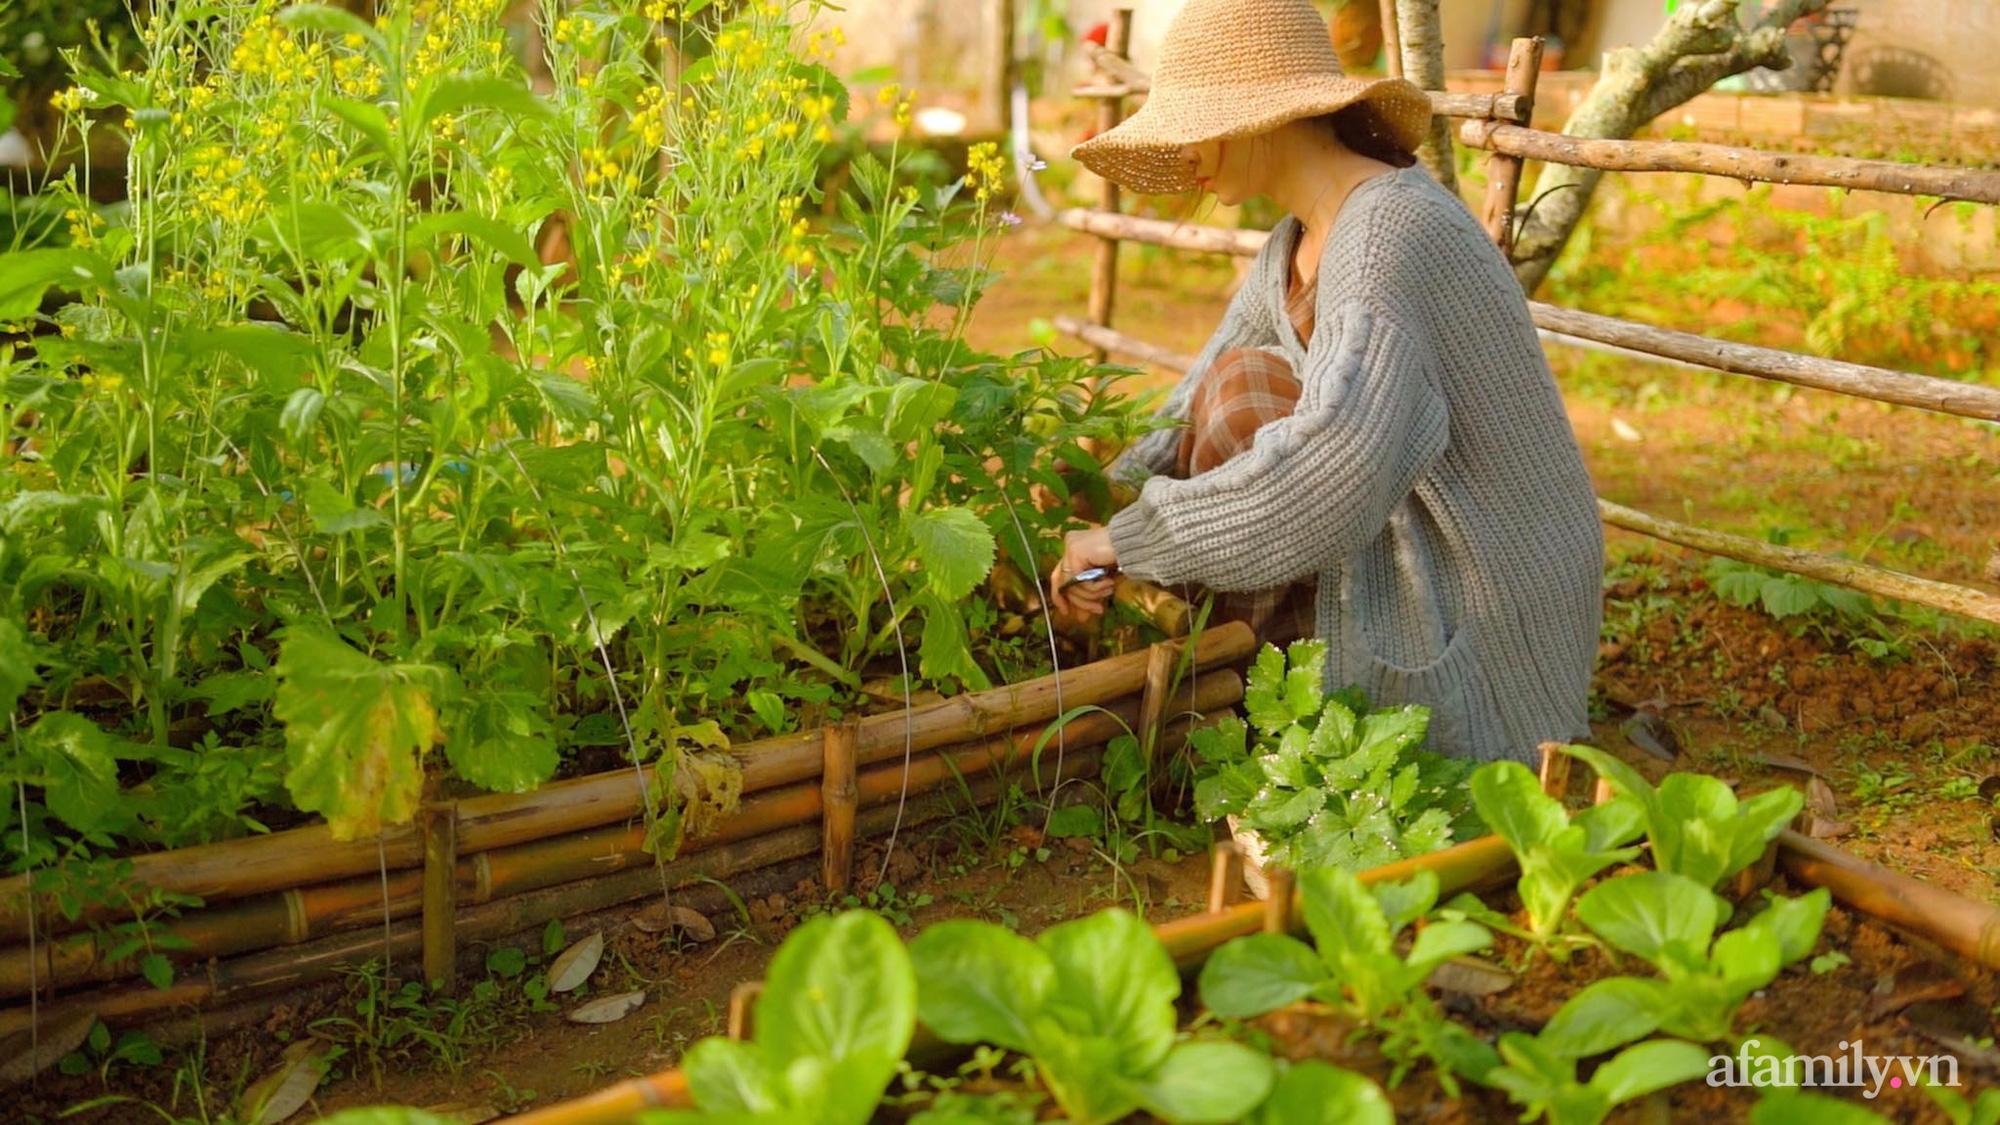 Chán cuộc sống bon chen ở phố, cặp vợ chồng 9X có thu nhập ổn định quyết định chọn về quê sống bình yên bên vườn tược ở Đắk Lắk - Ảnh 1.